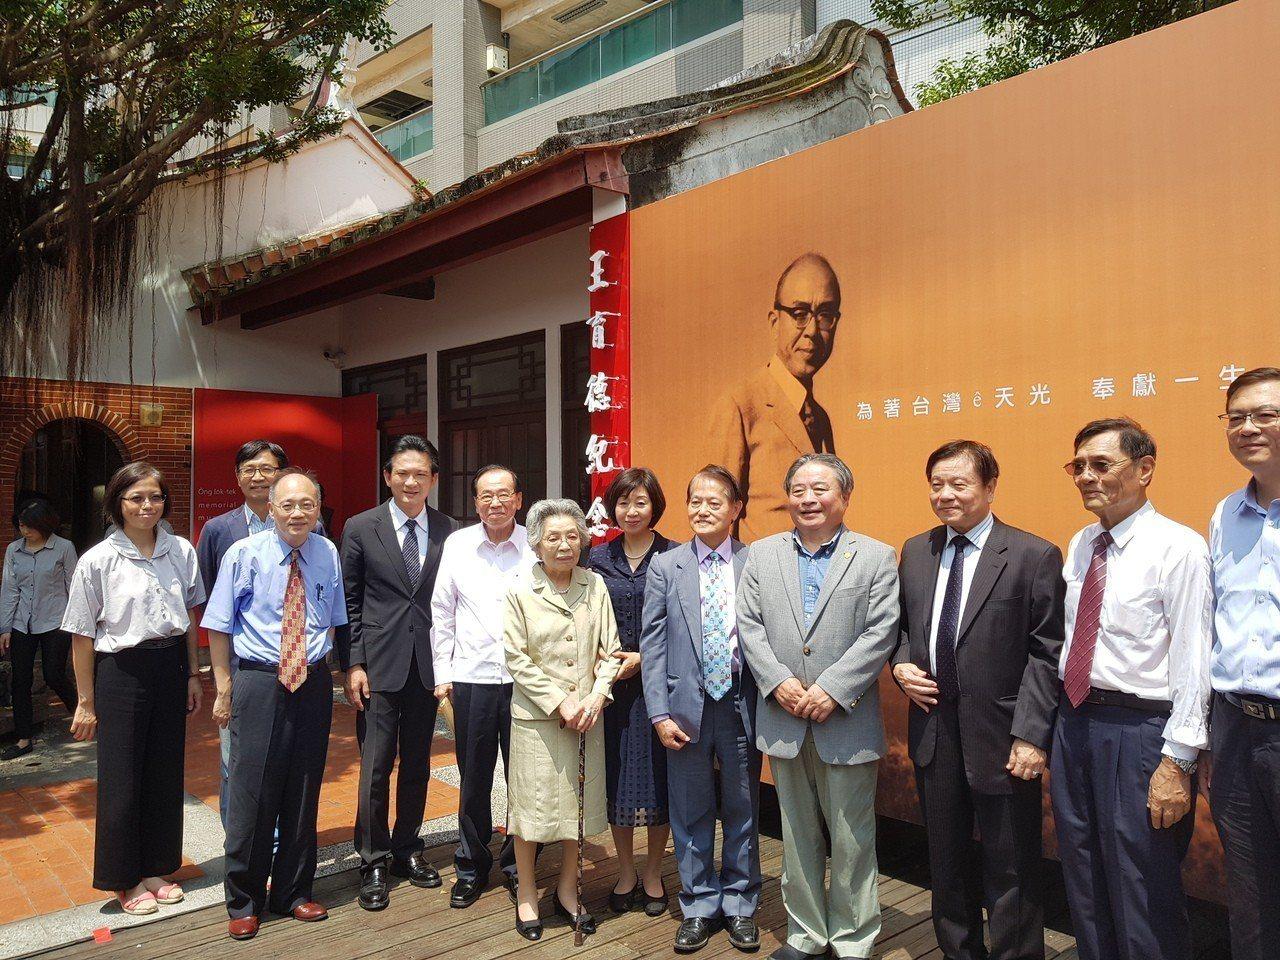 王育德紀念館昨天在台南市中西區吳園內揭幕,家人與台灣民主運動前輩等到場。 記者修...